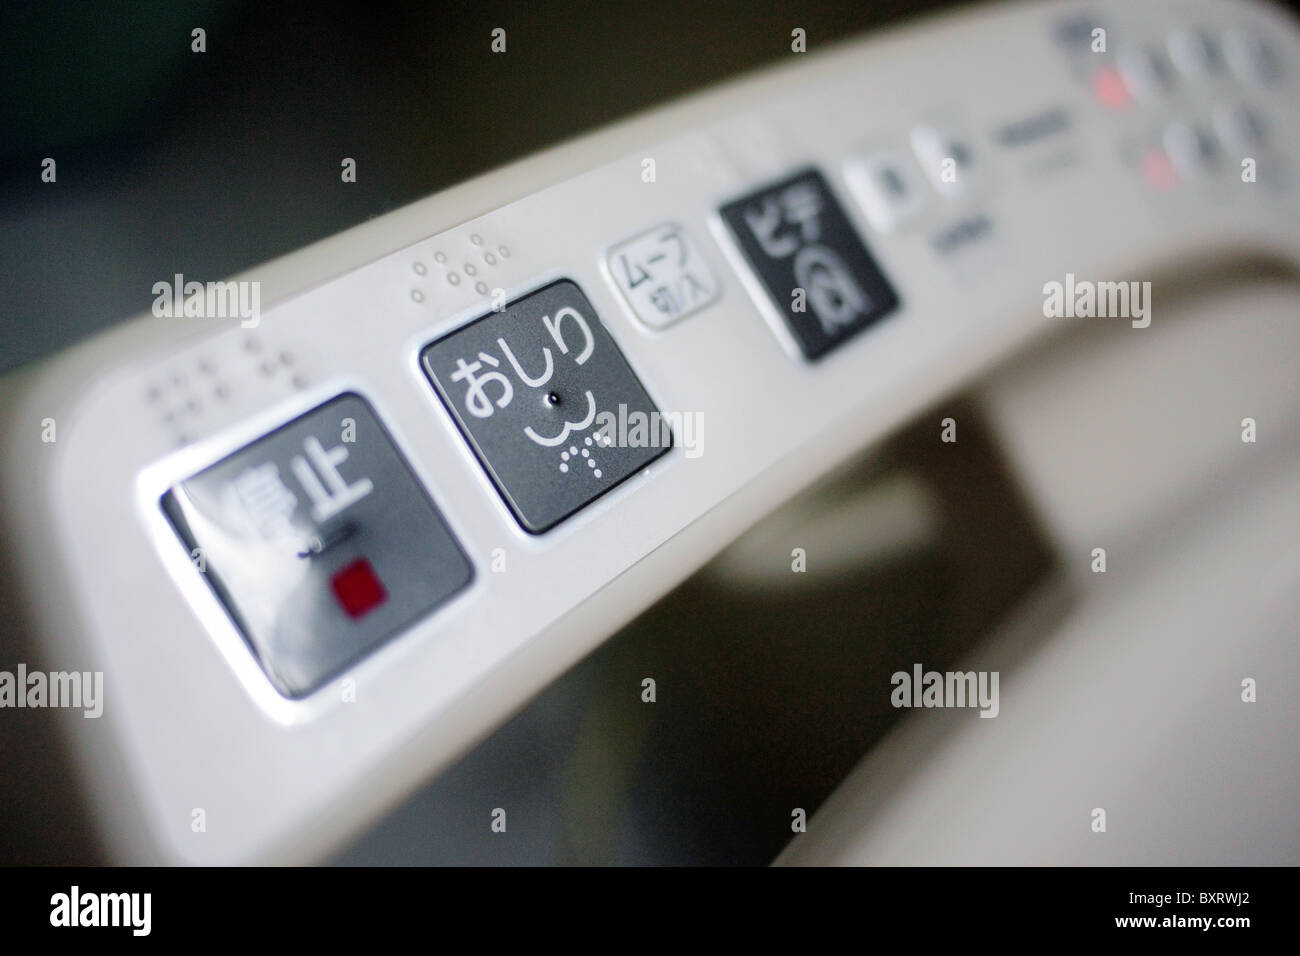 Salut-technologie électronique moderne toilettes japonais au Japon Asie Photo Stock